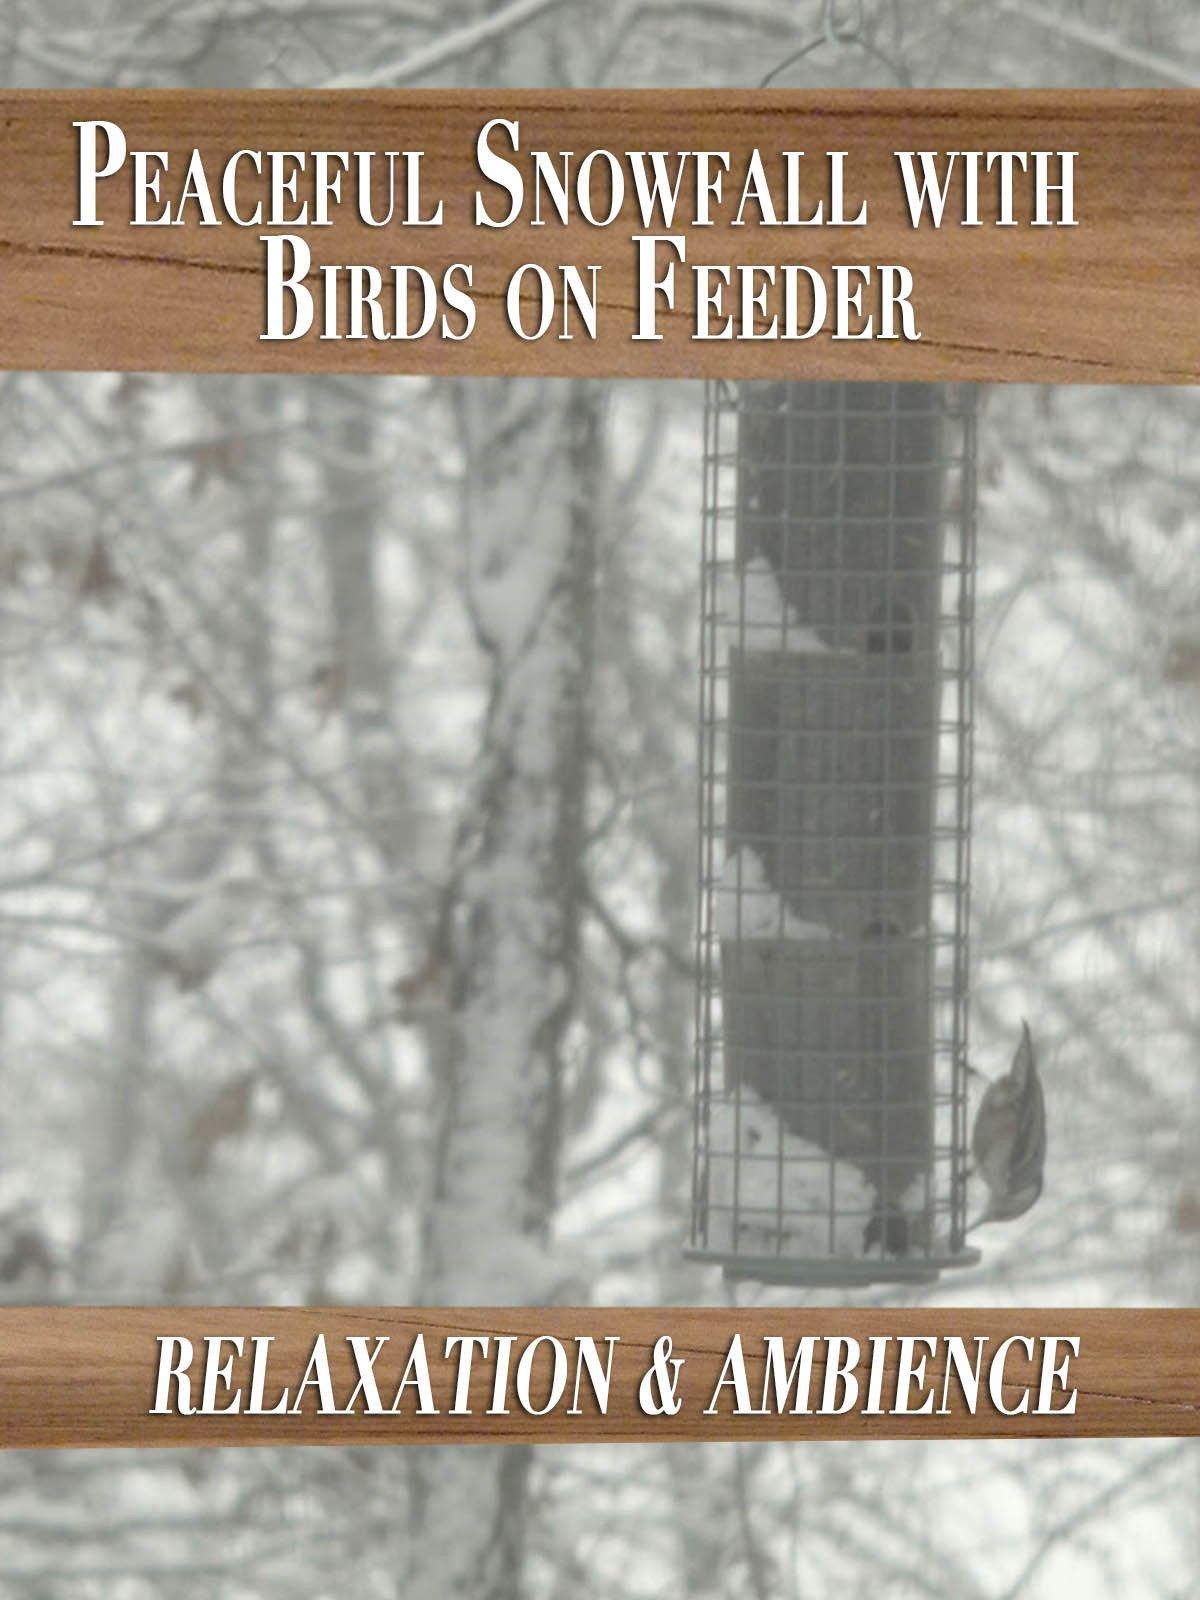 Peaceful Snowfall with Birds on Feeder